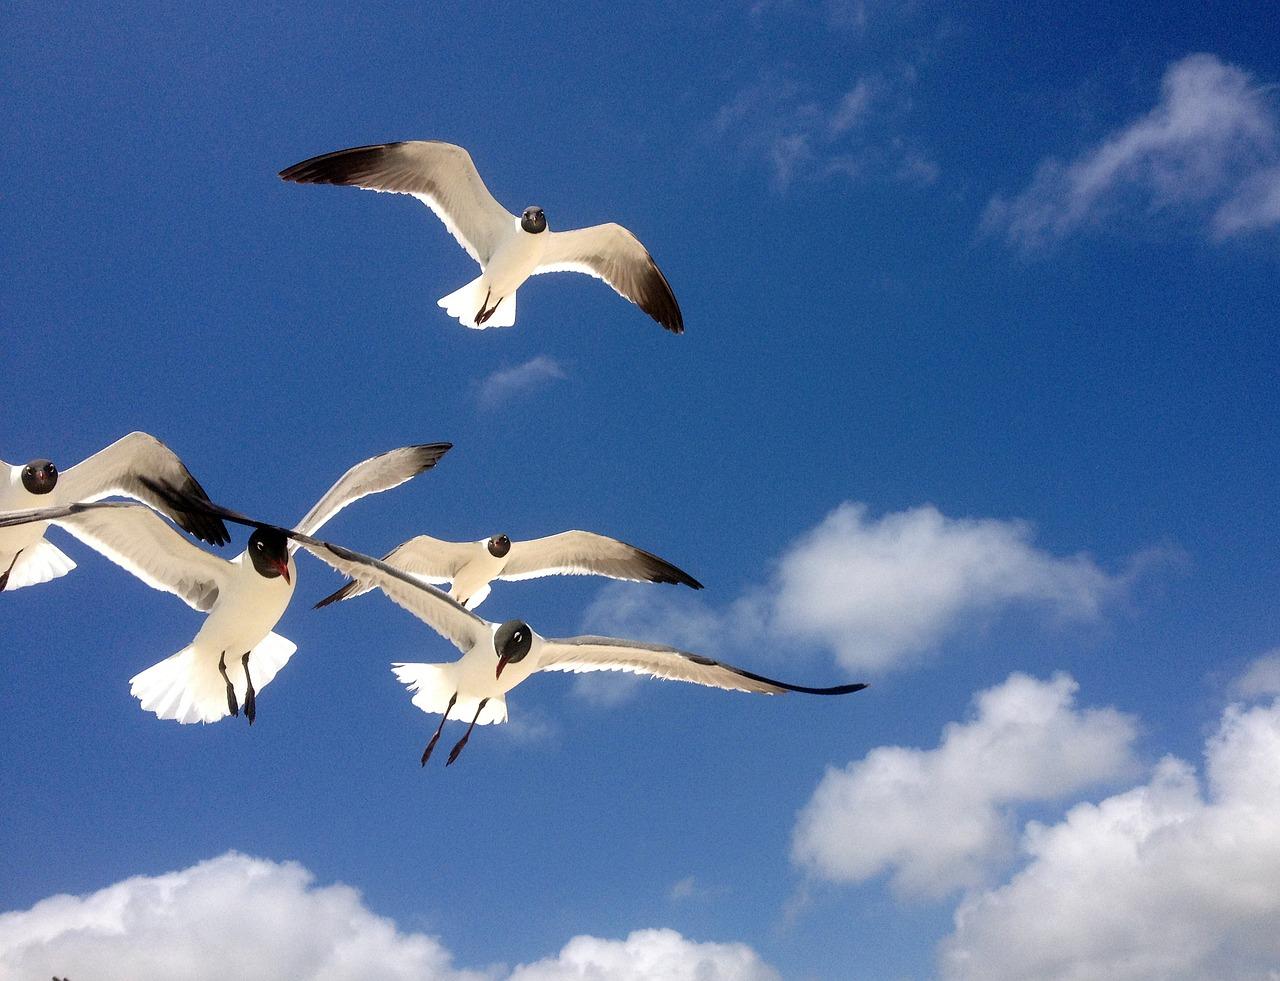 картинки летящих птиц ярчайших, любимейших